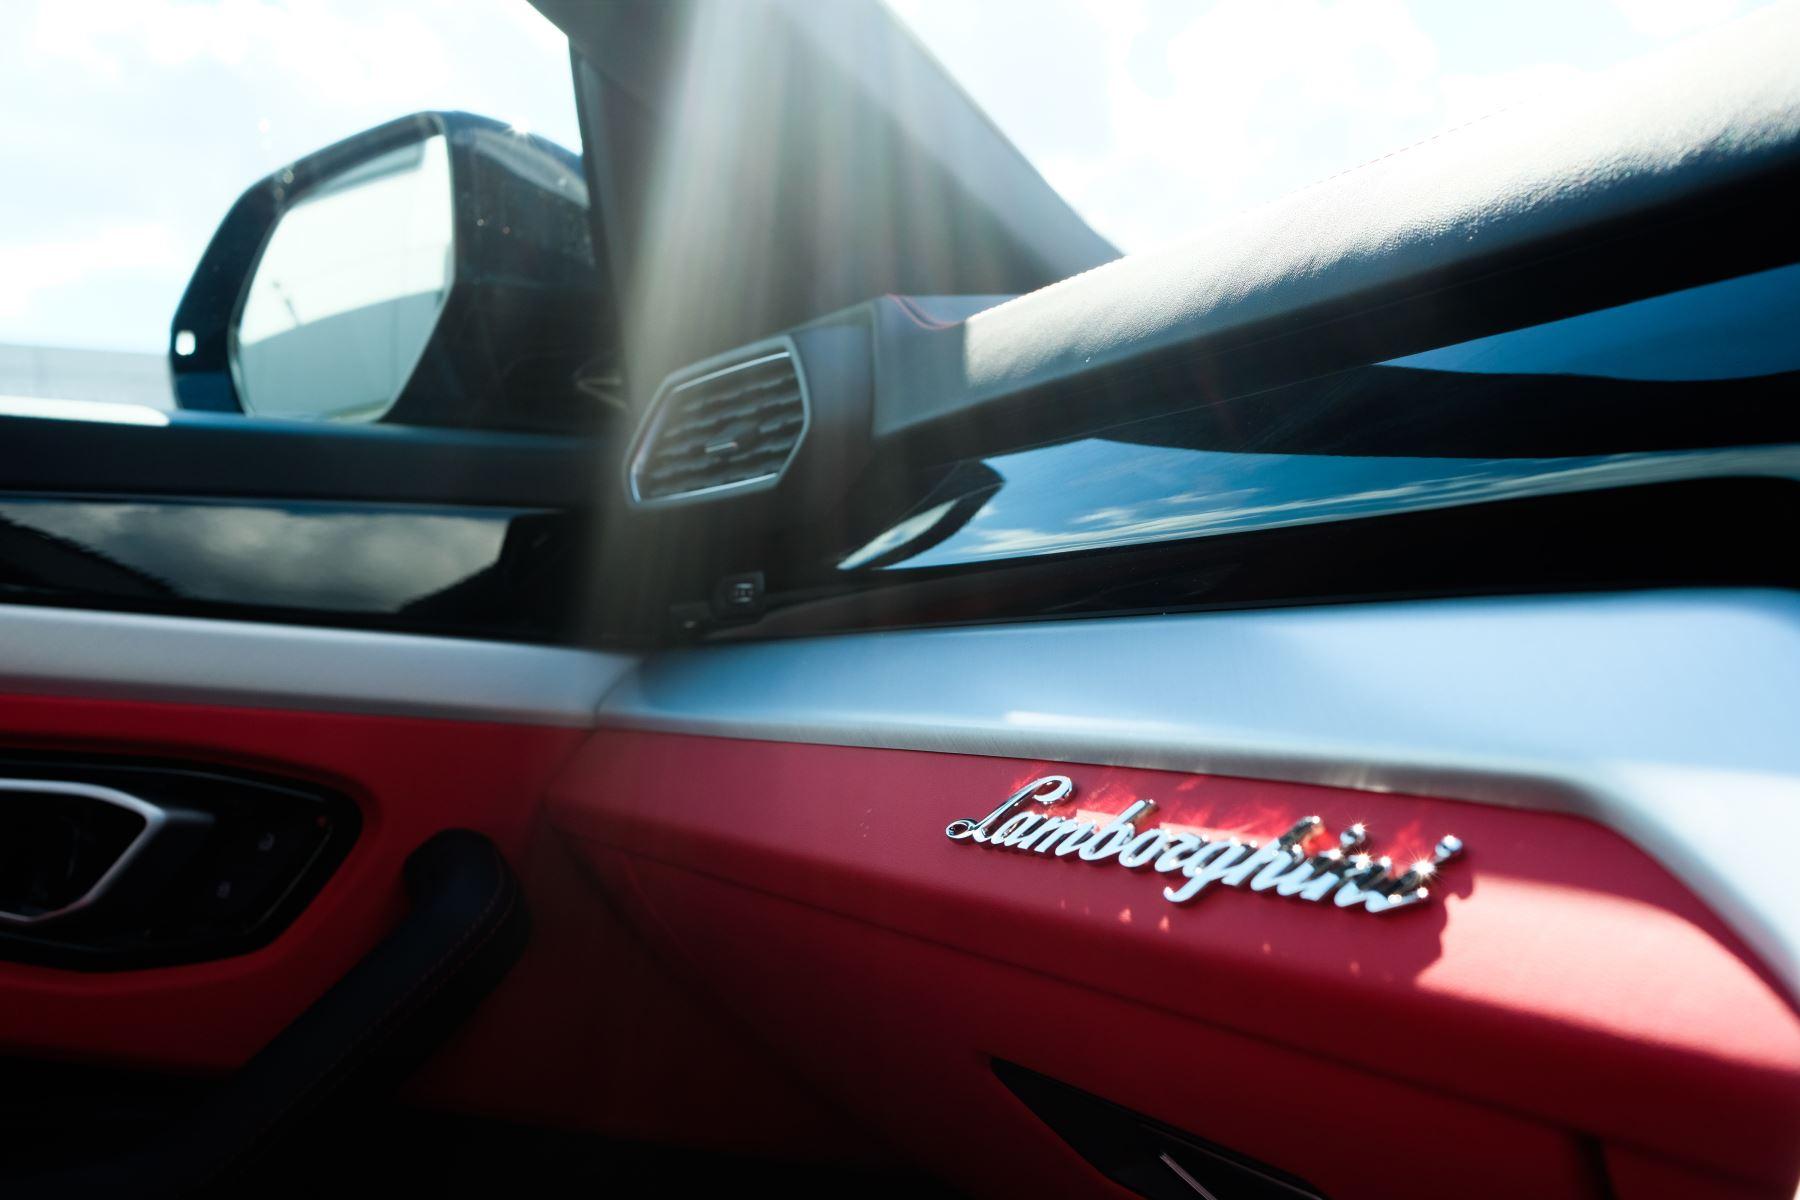 Lamborghini Urus 4.0T FSI V8 AUTO- 4 SEAT CONFIGURATION - NIGHT VISION - 23 INCH ALLOYS image 27